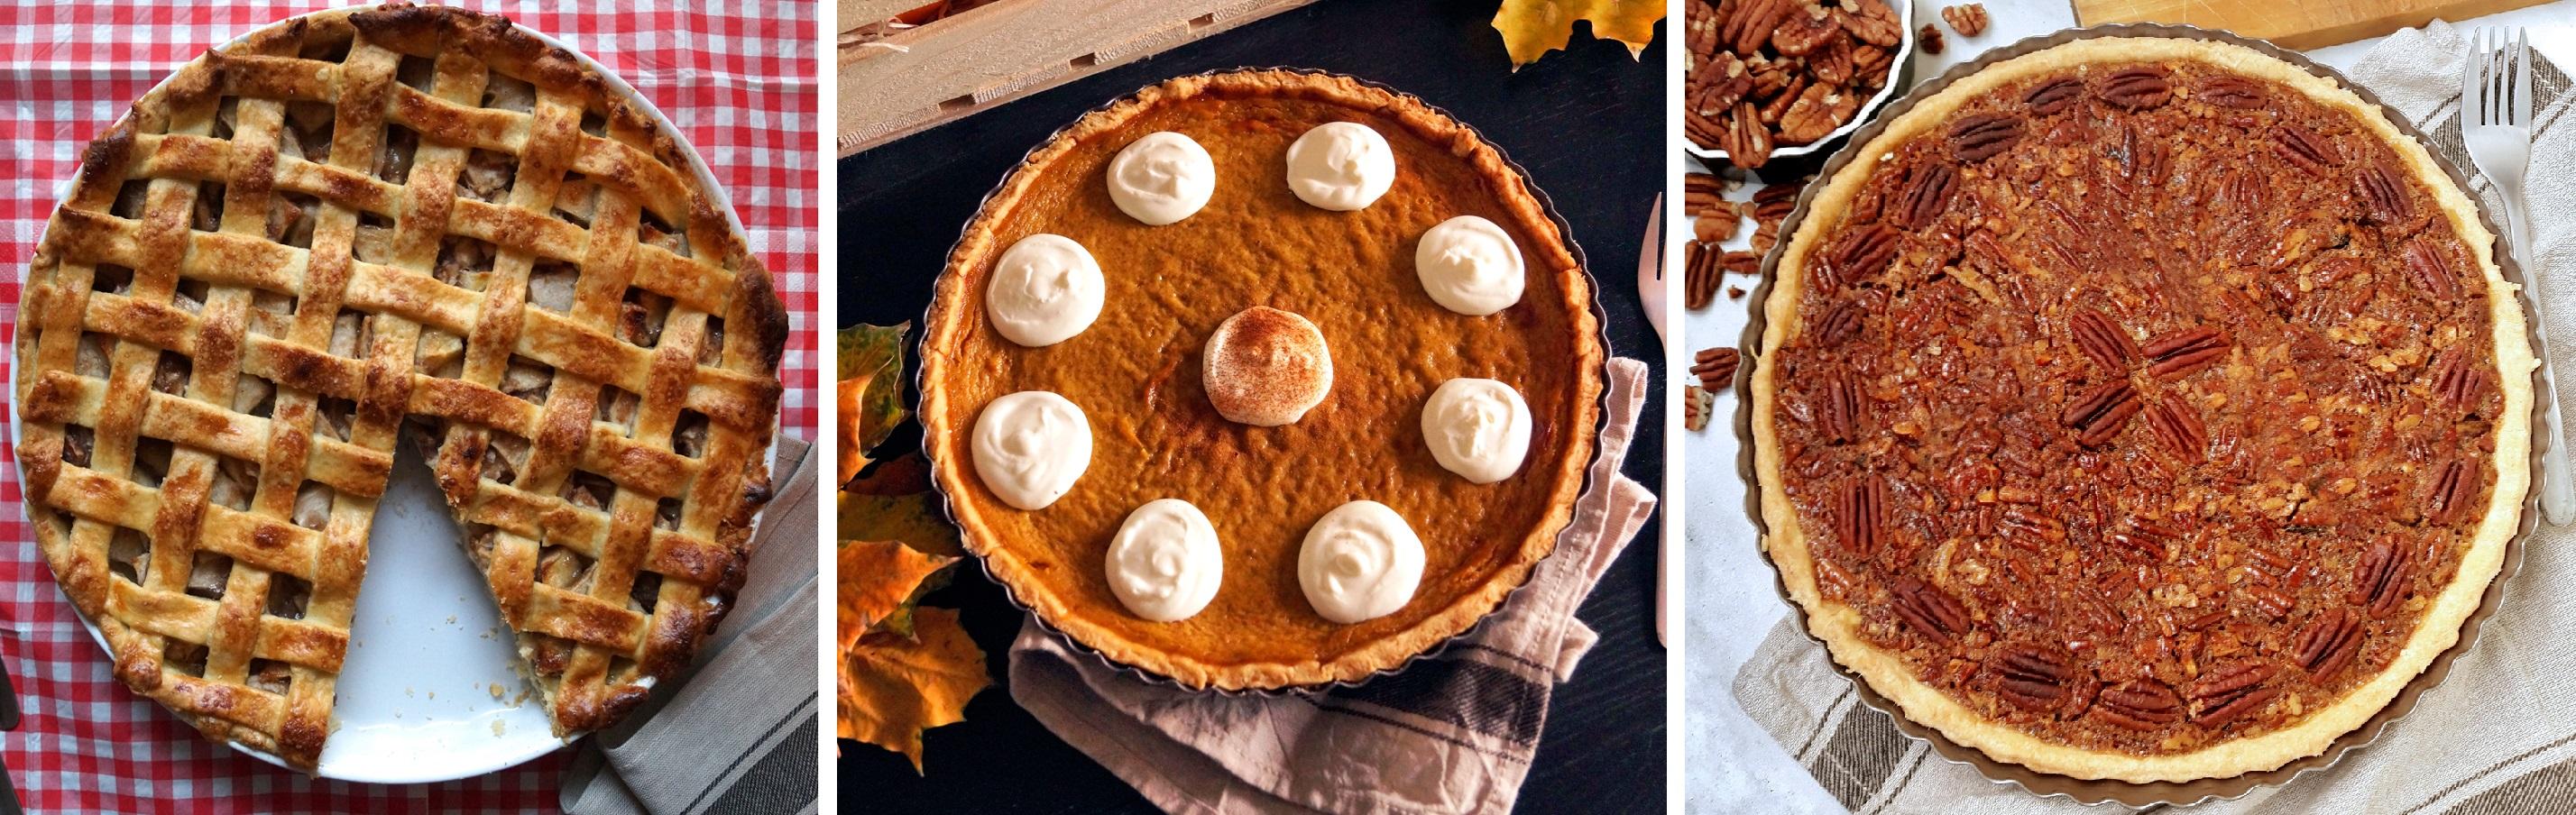 Co Amerykanie jedzą na Dzień Dziękczynienia Thanksgiving Day